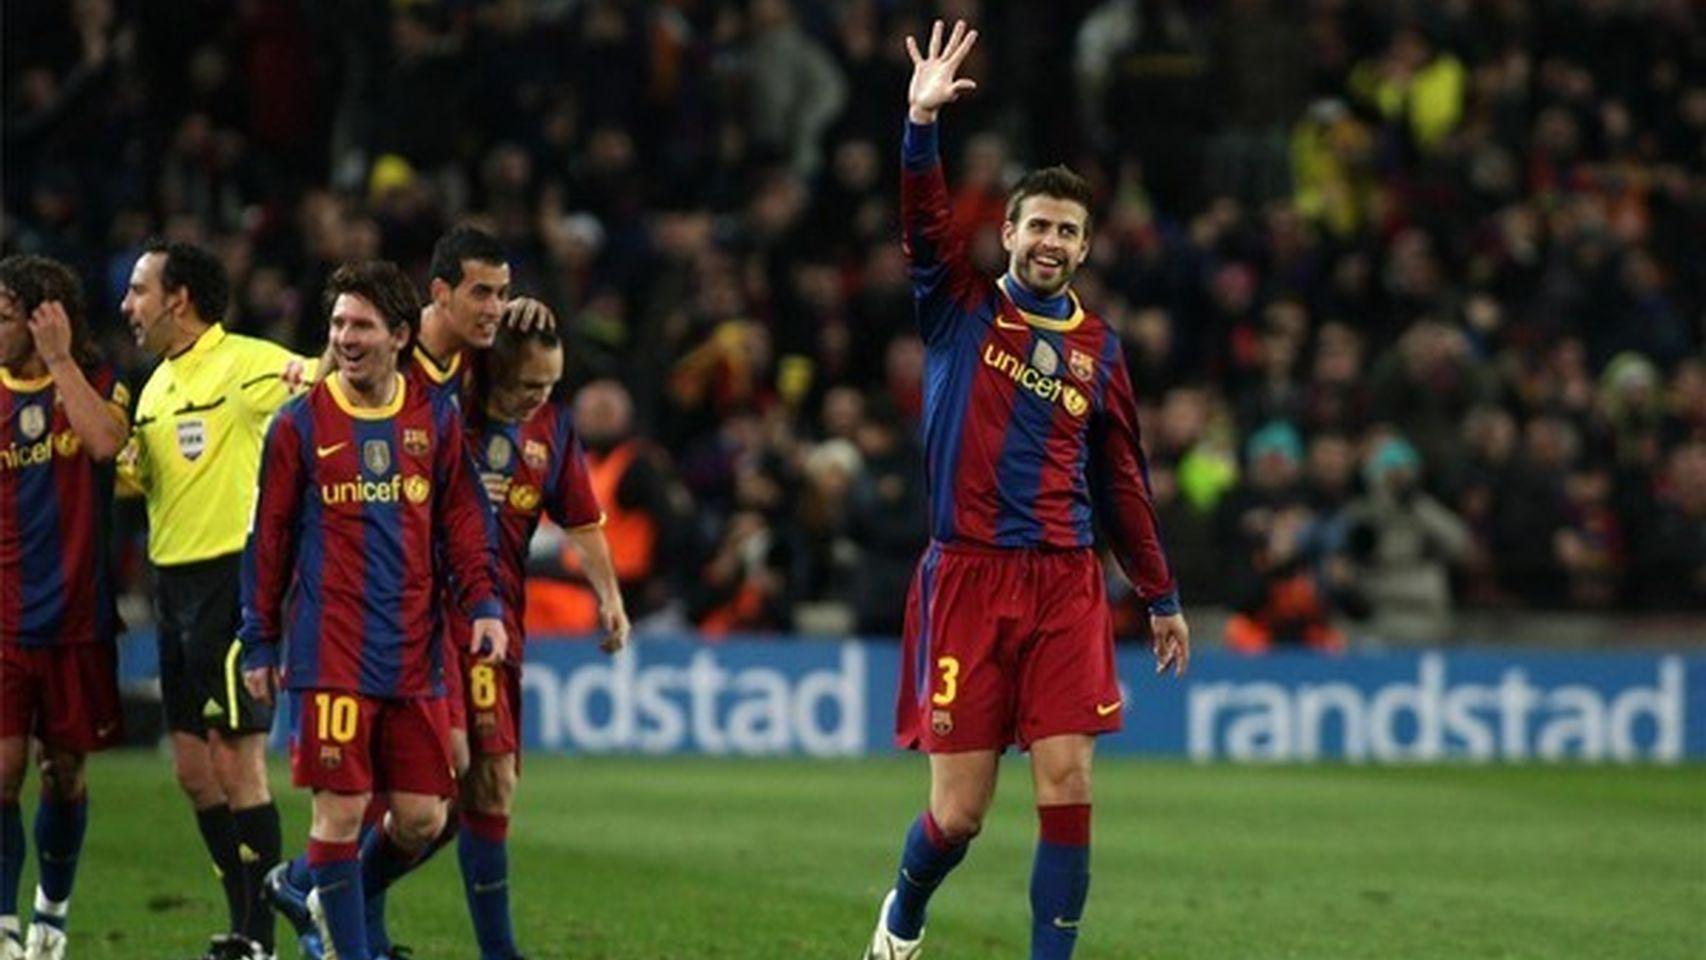 Vídeo: El Barça prepara una gran humillación al Real Madrid en el clásico